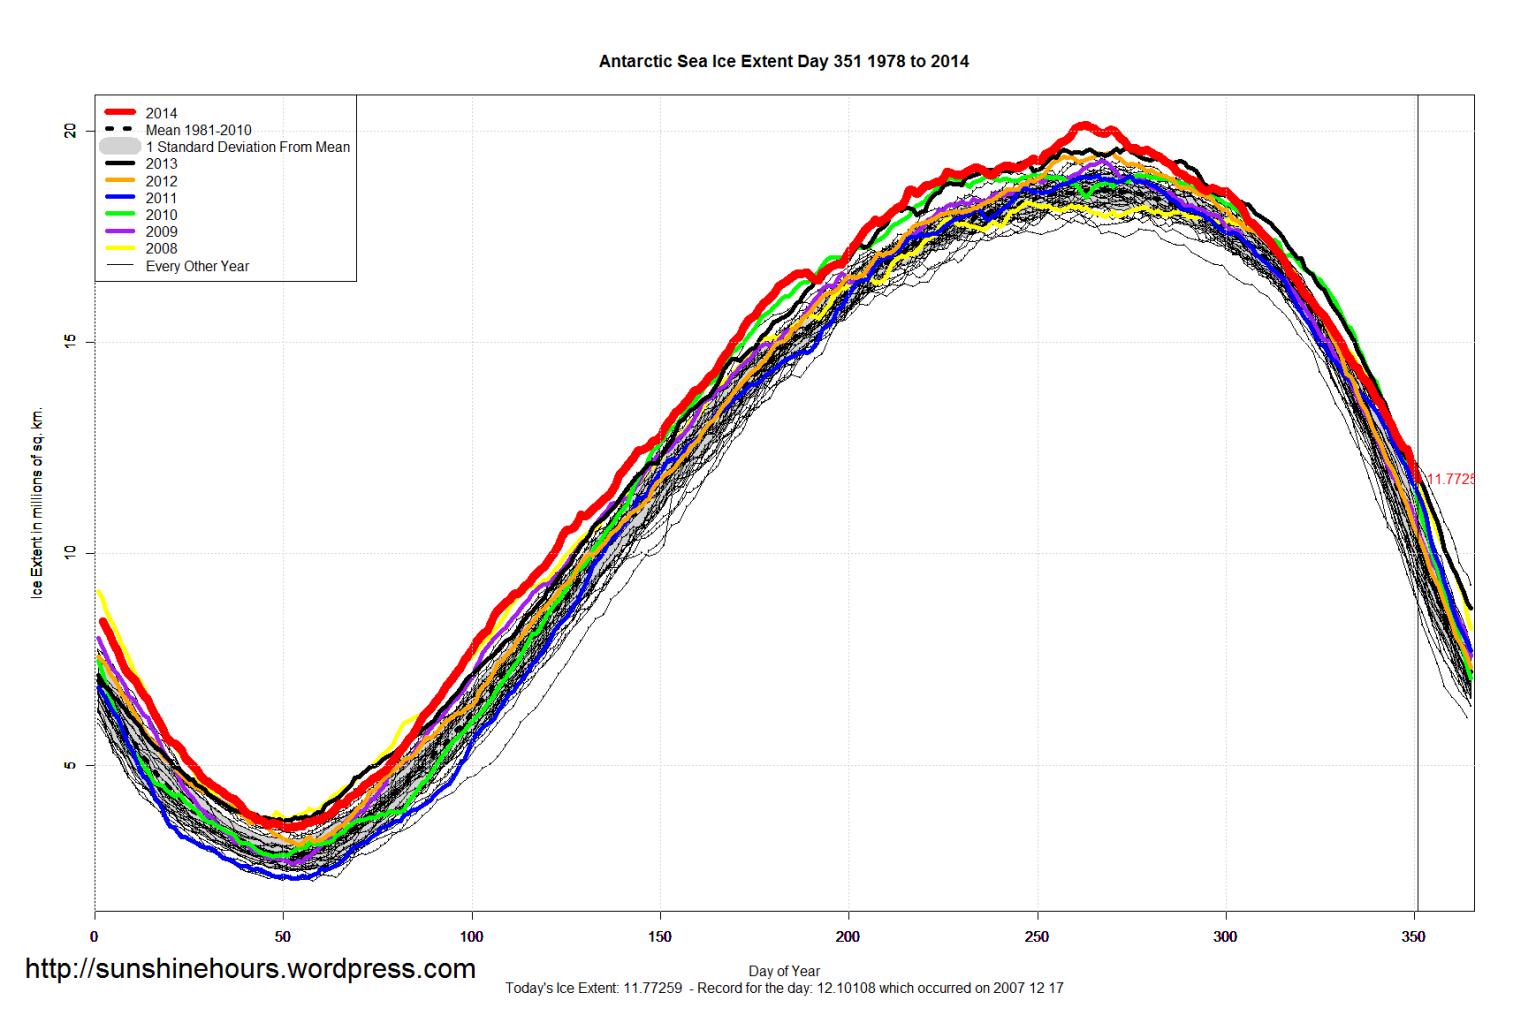 antarctic_sea_ice_extent_2014_day_351_1981-2010